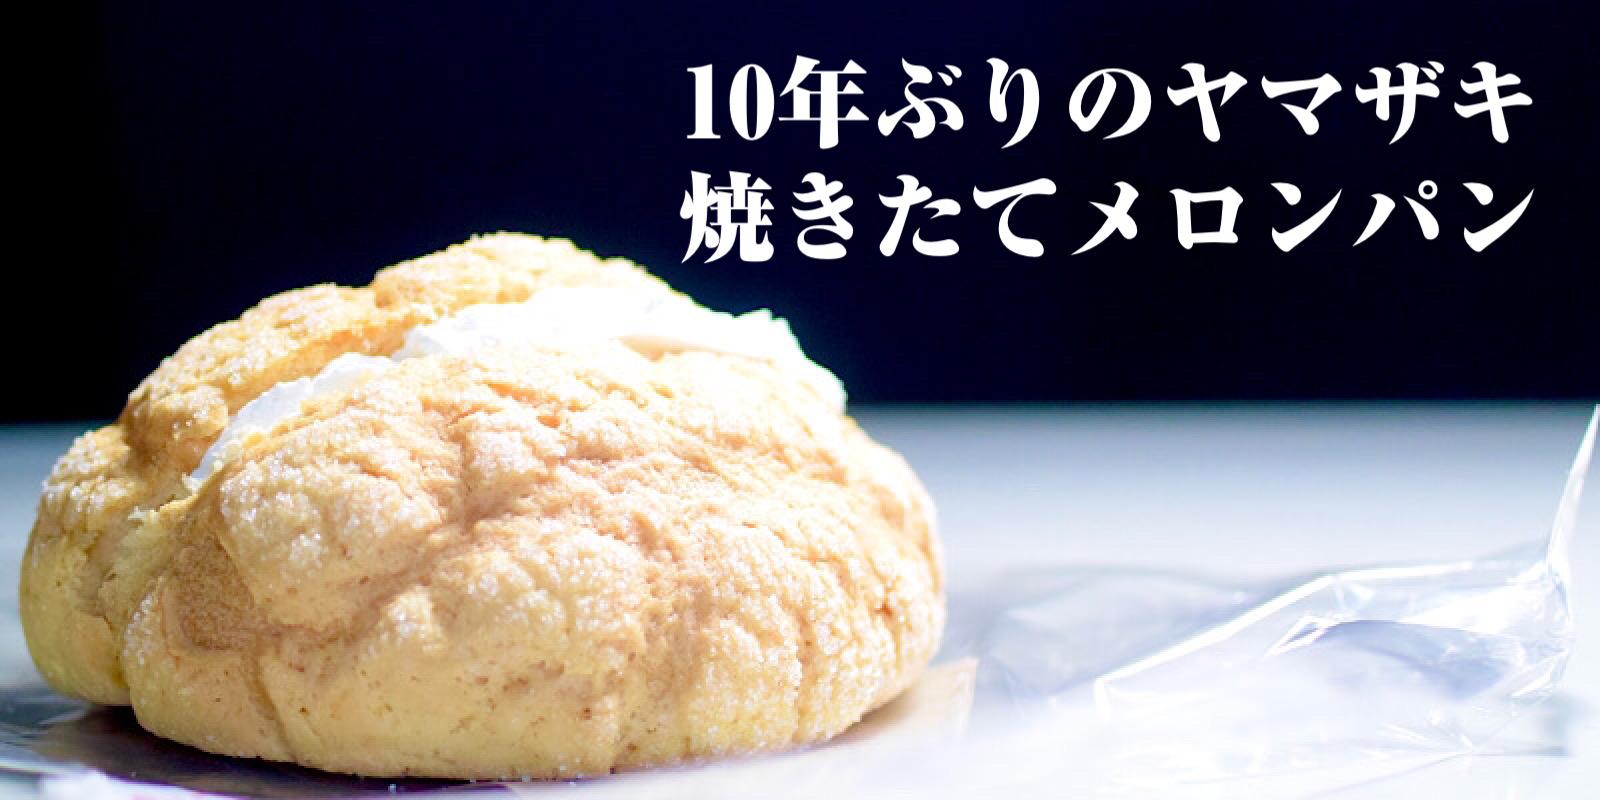 デイリーヤマザキ 焼きたてメロンパン(ホイップ)